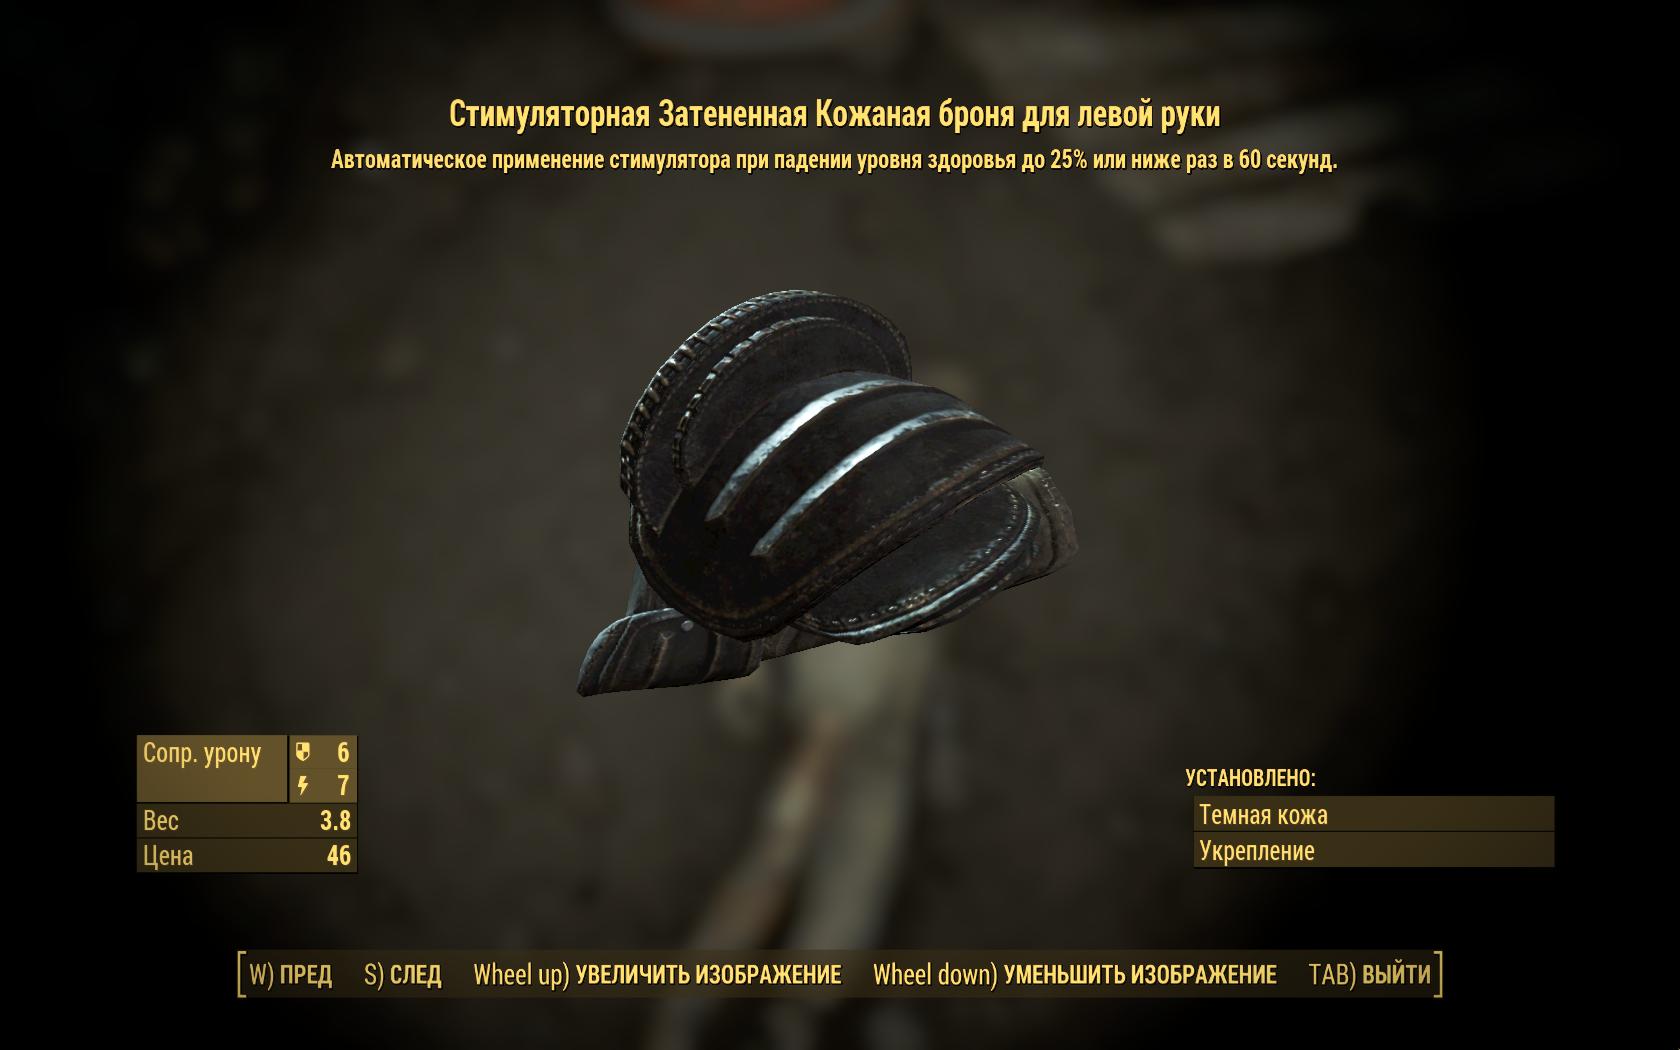 Стимуляторная Затенённая Кожаная броня для левой руки - Fallout 4 броня, Затенённая, Кожаная, Одежда, Стимуляторная